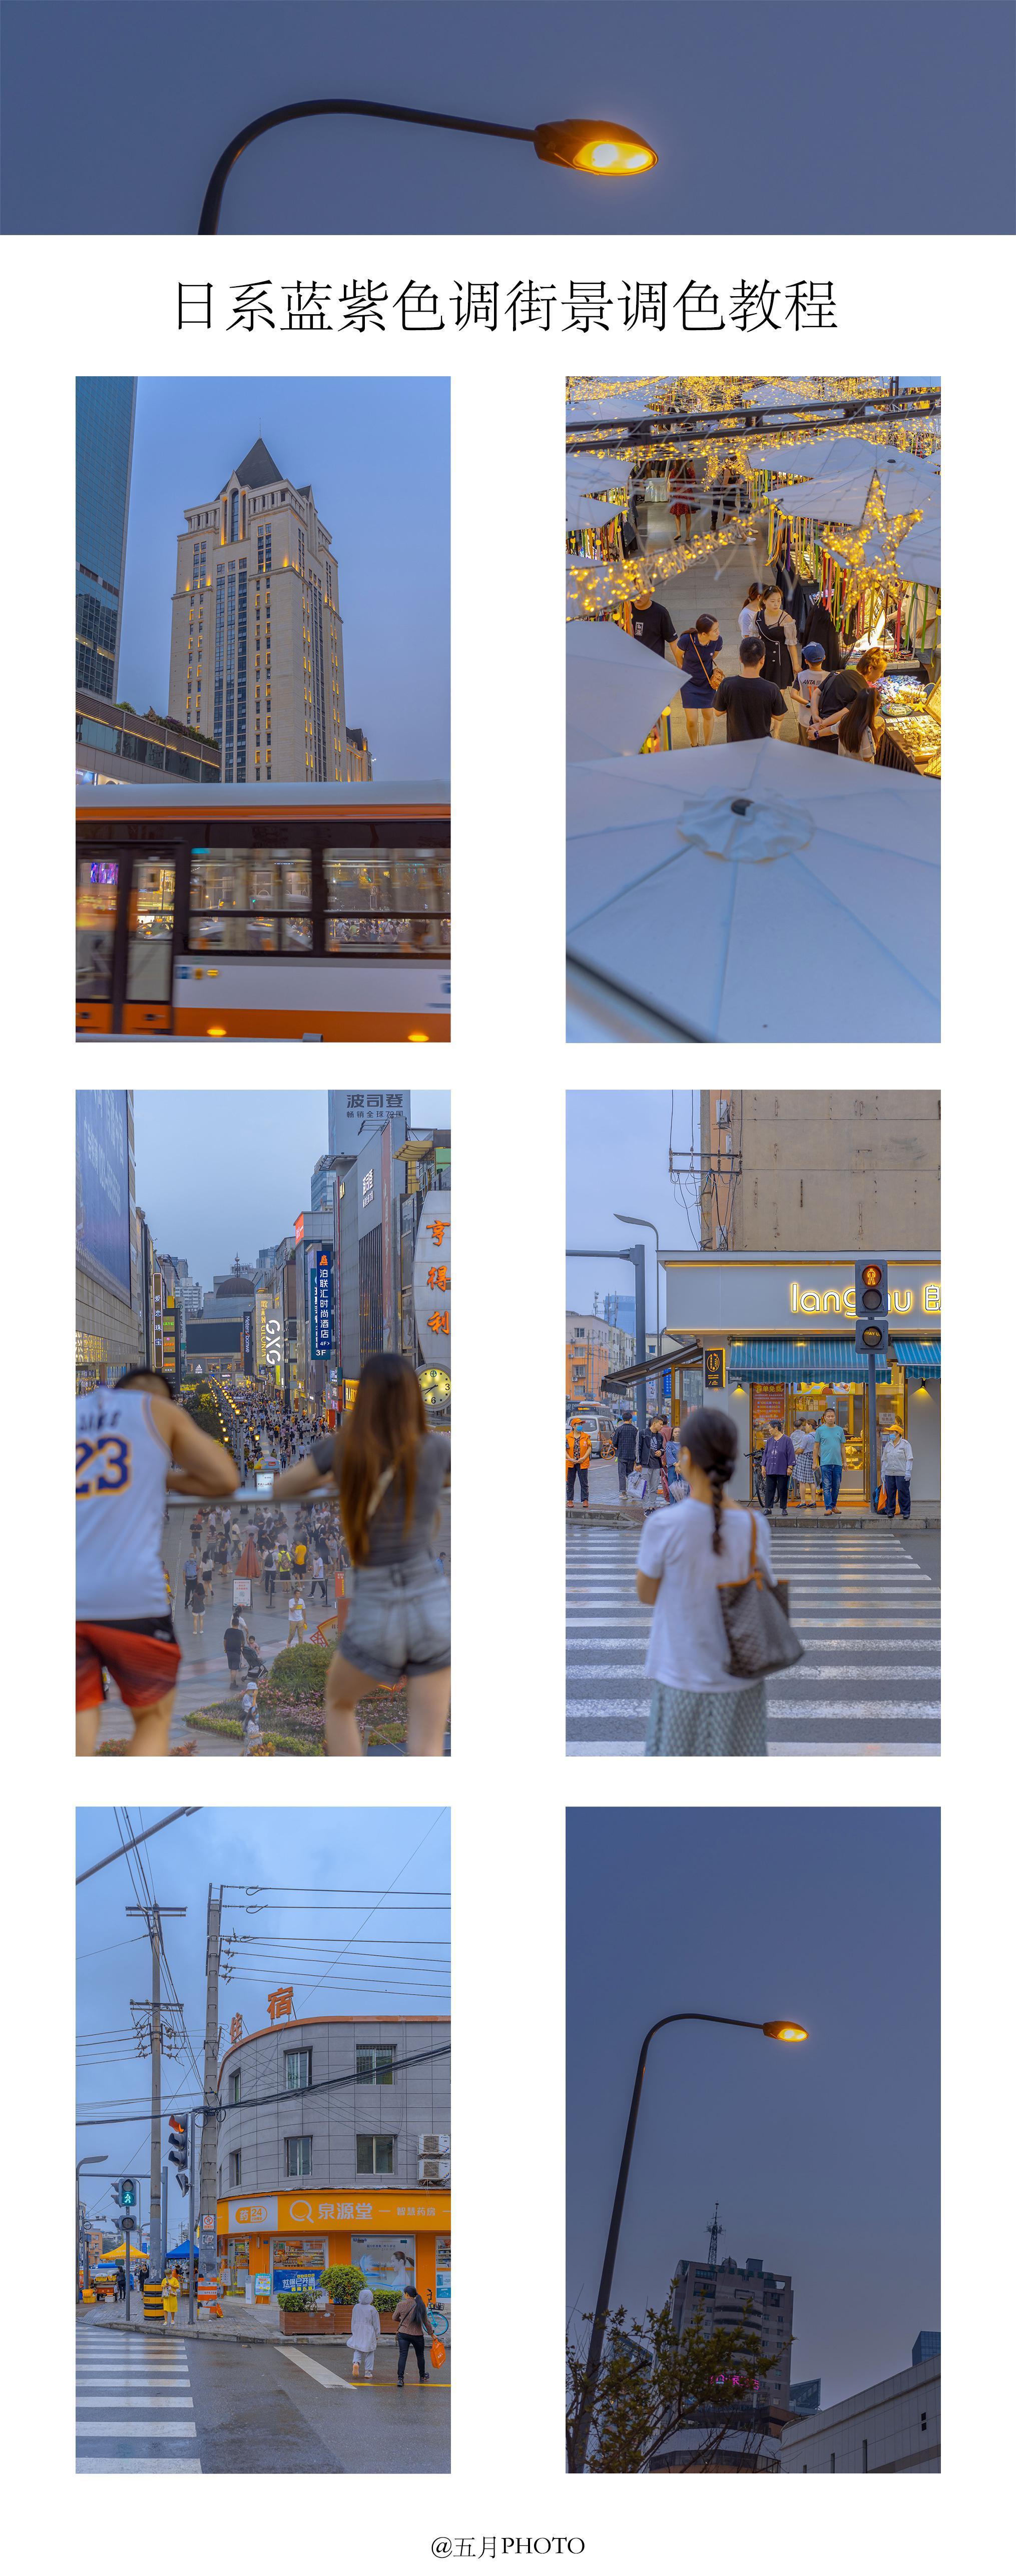 日系蓝紫色调.街景调色教程作者:@五月PHOTO